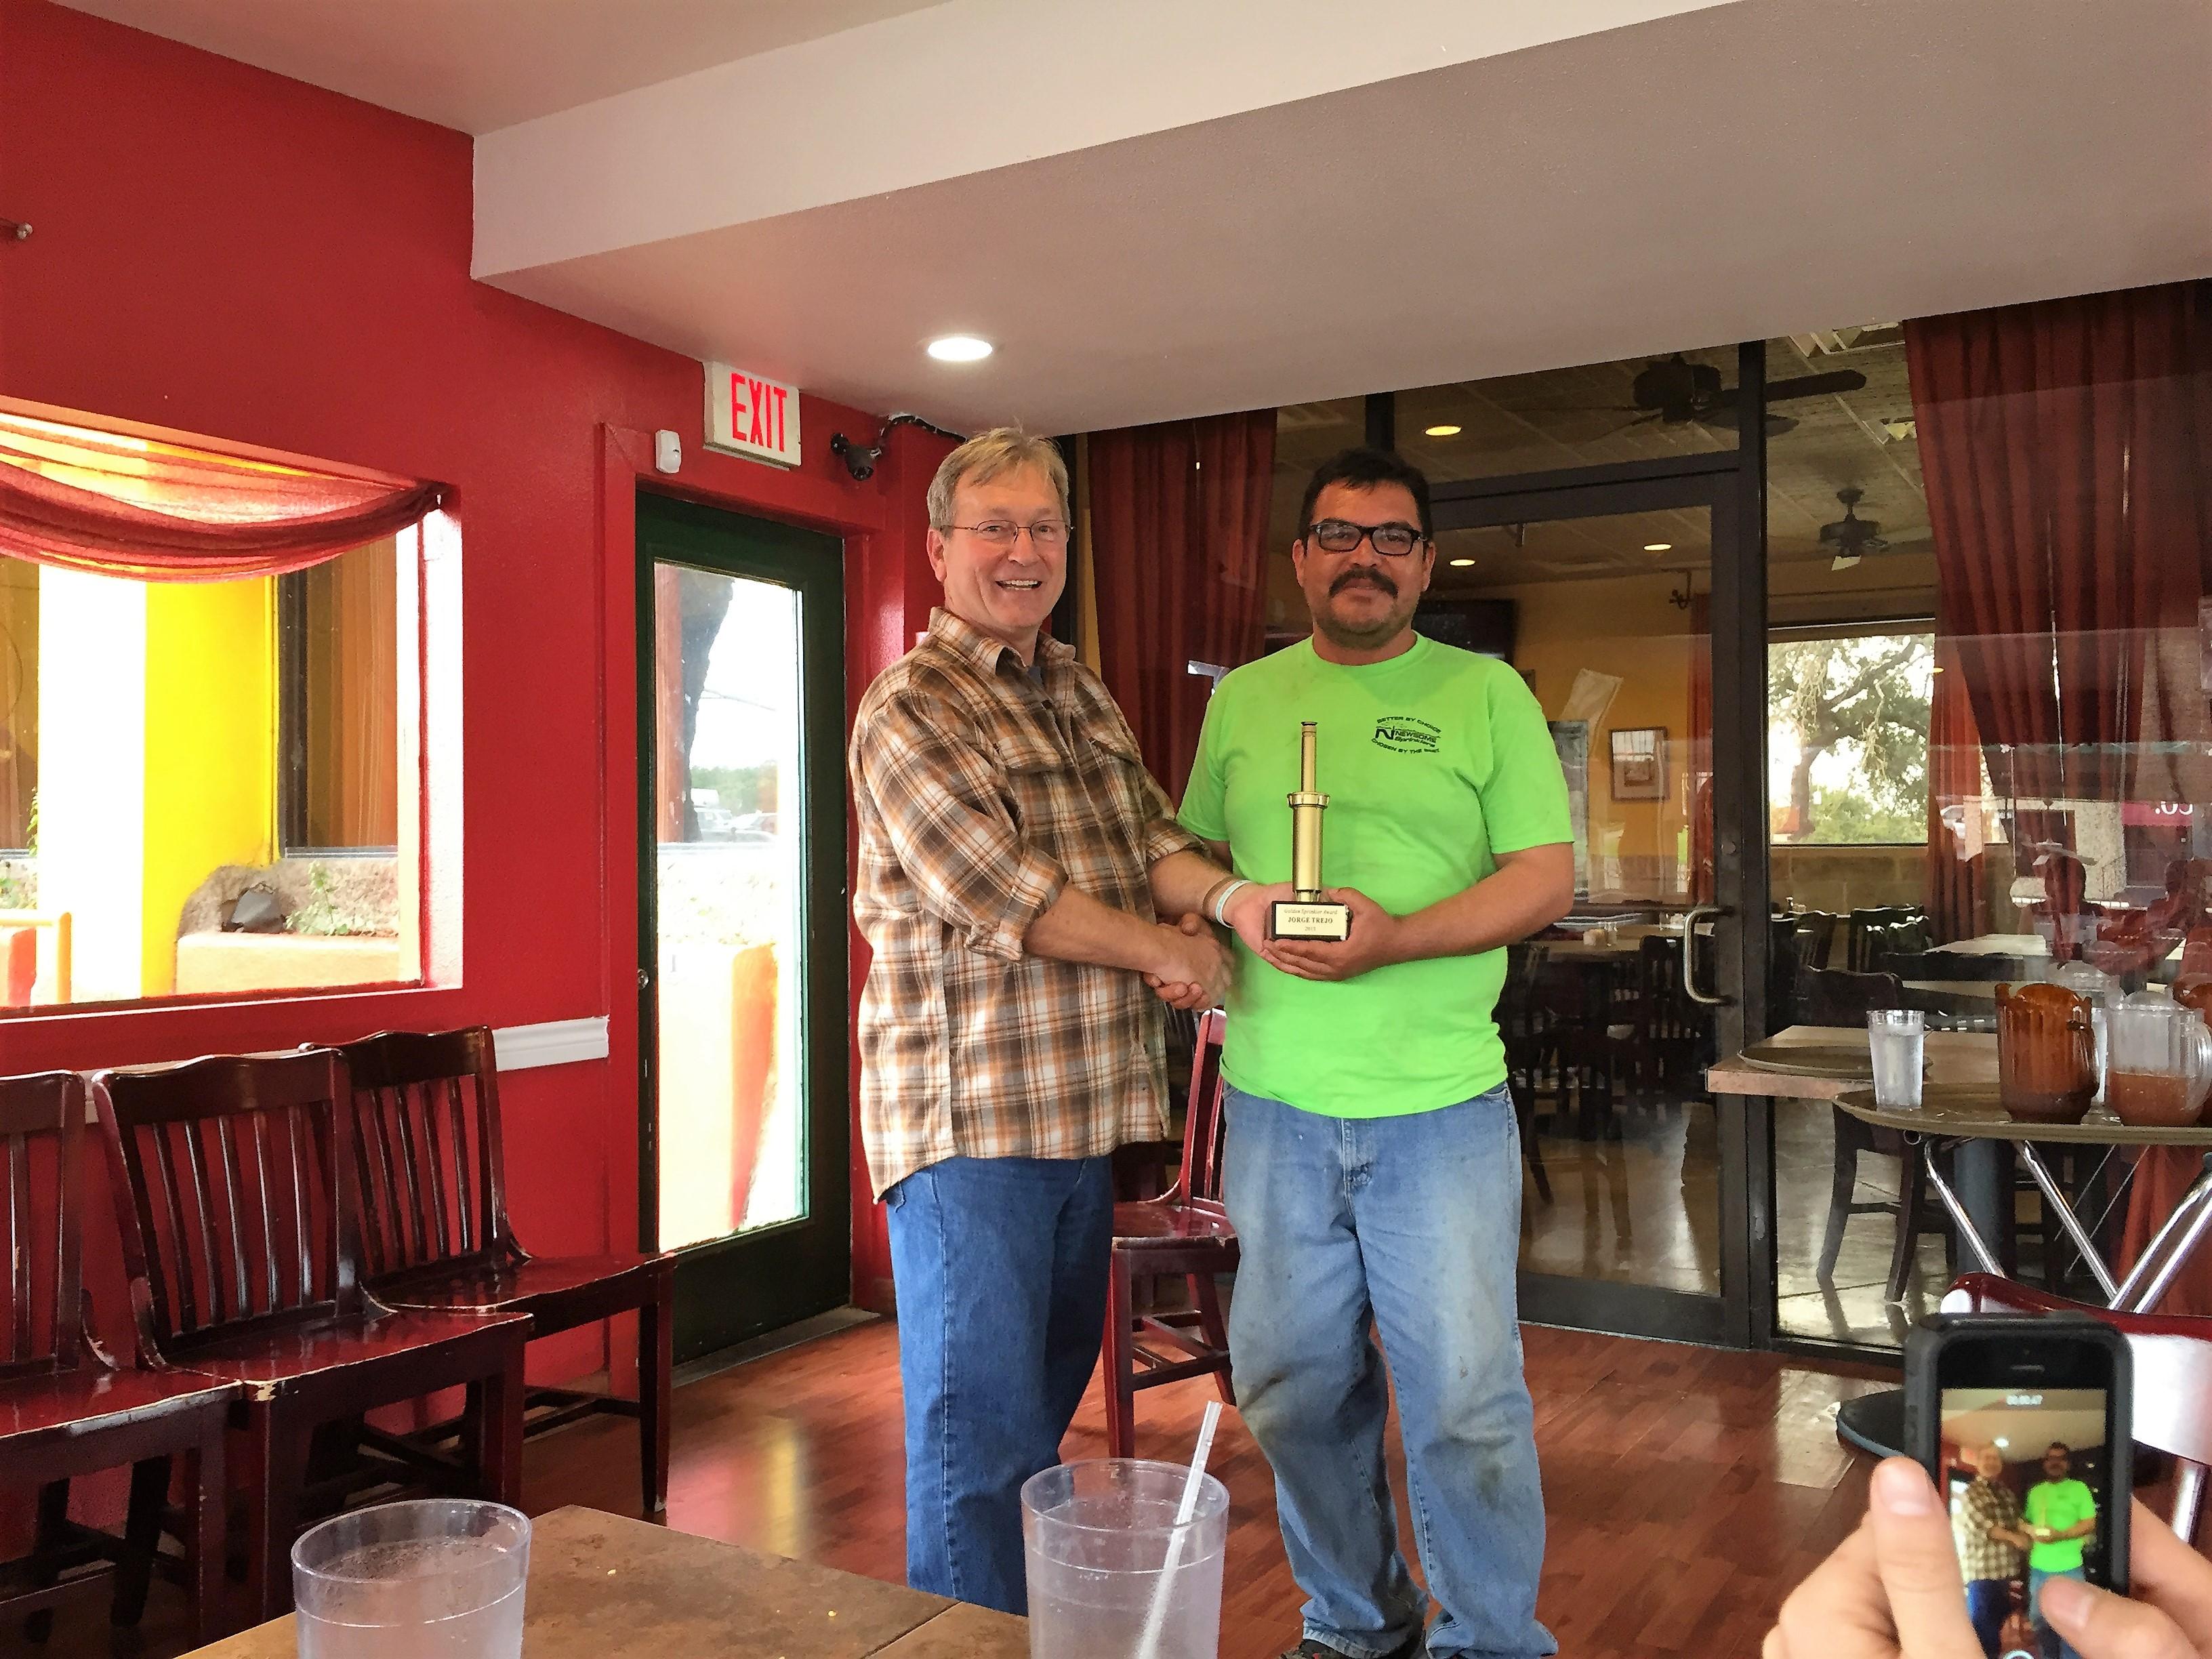 Golden Sprinkler Award Winner